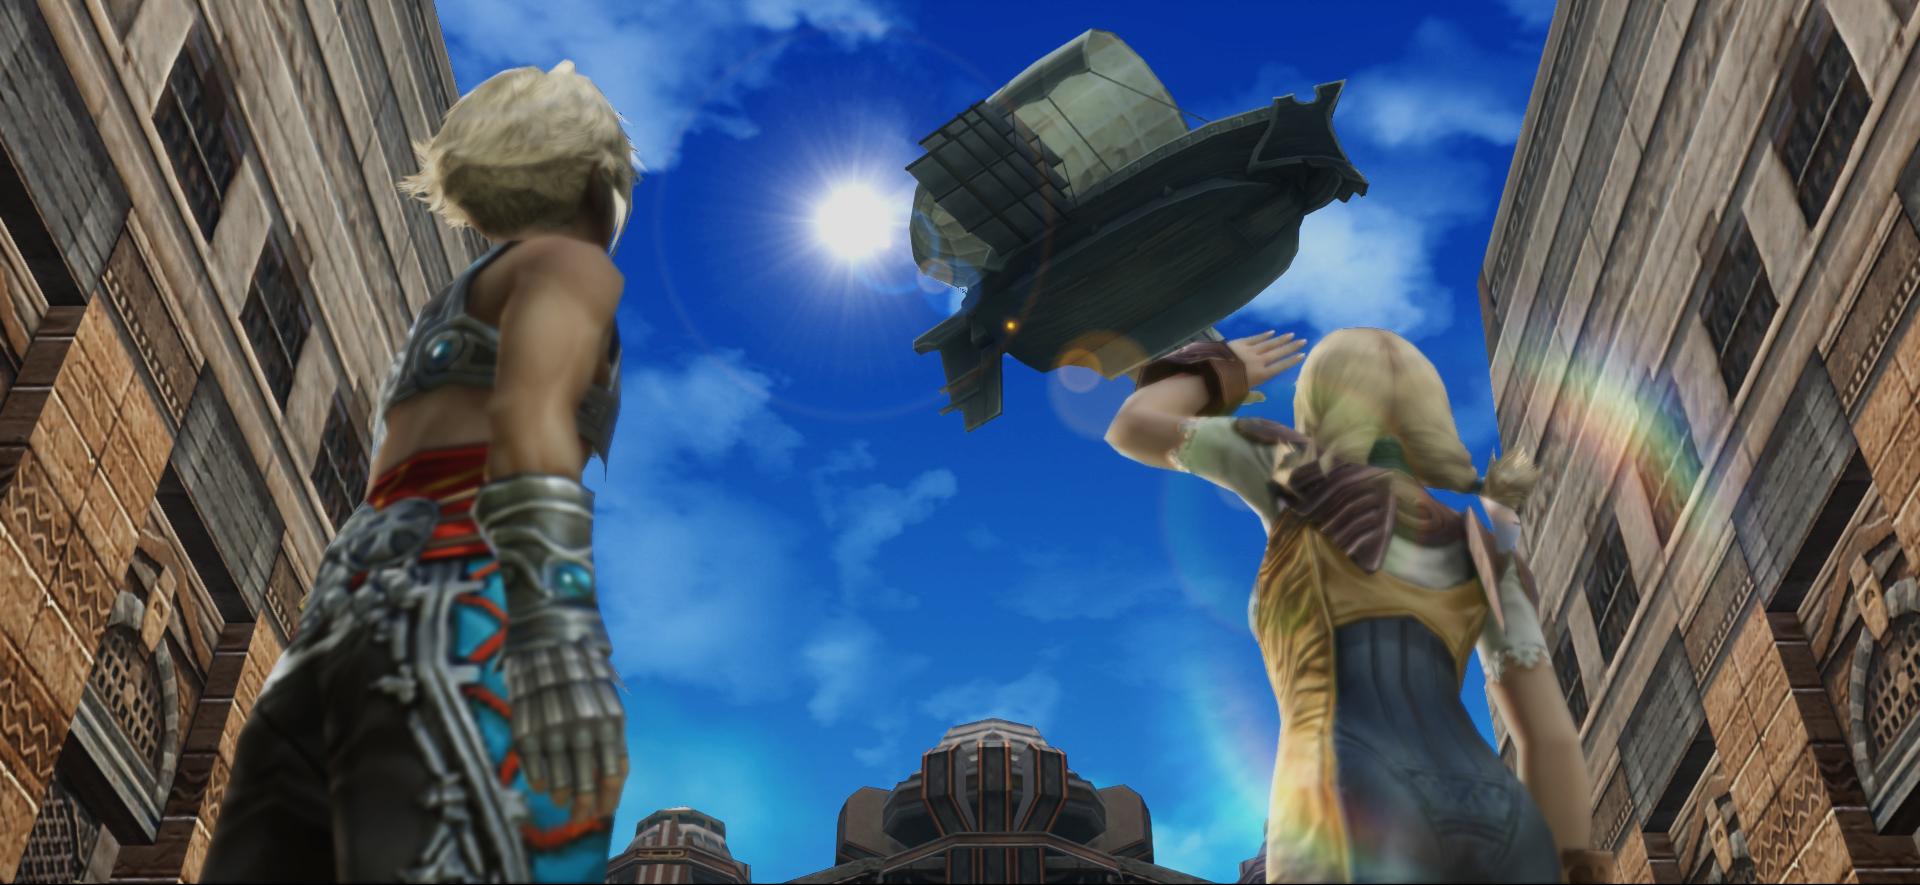 Eis sua chance de conhecer o Final Fantasy mais ambicioso de toda franquia